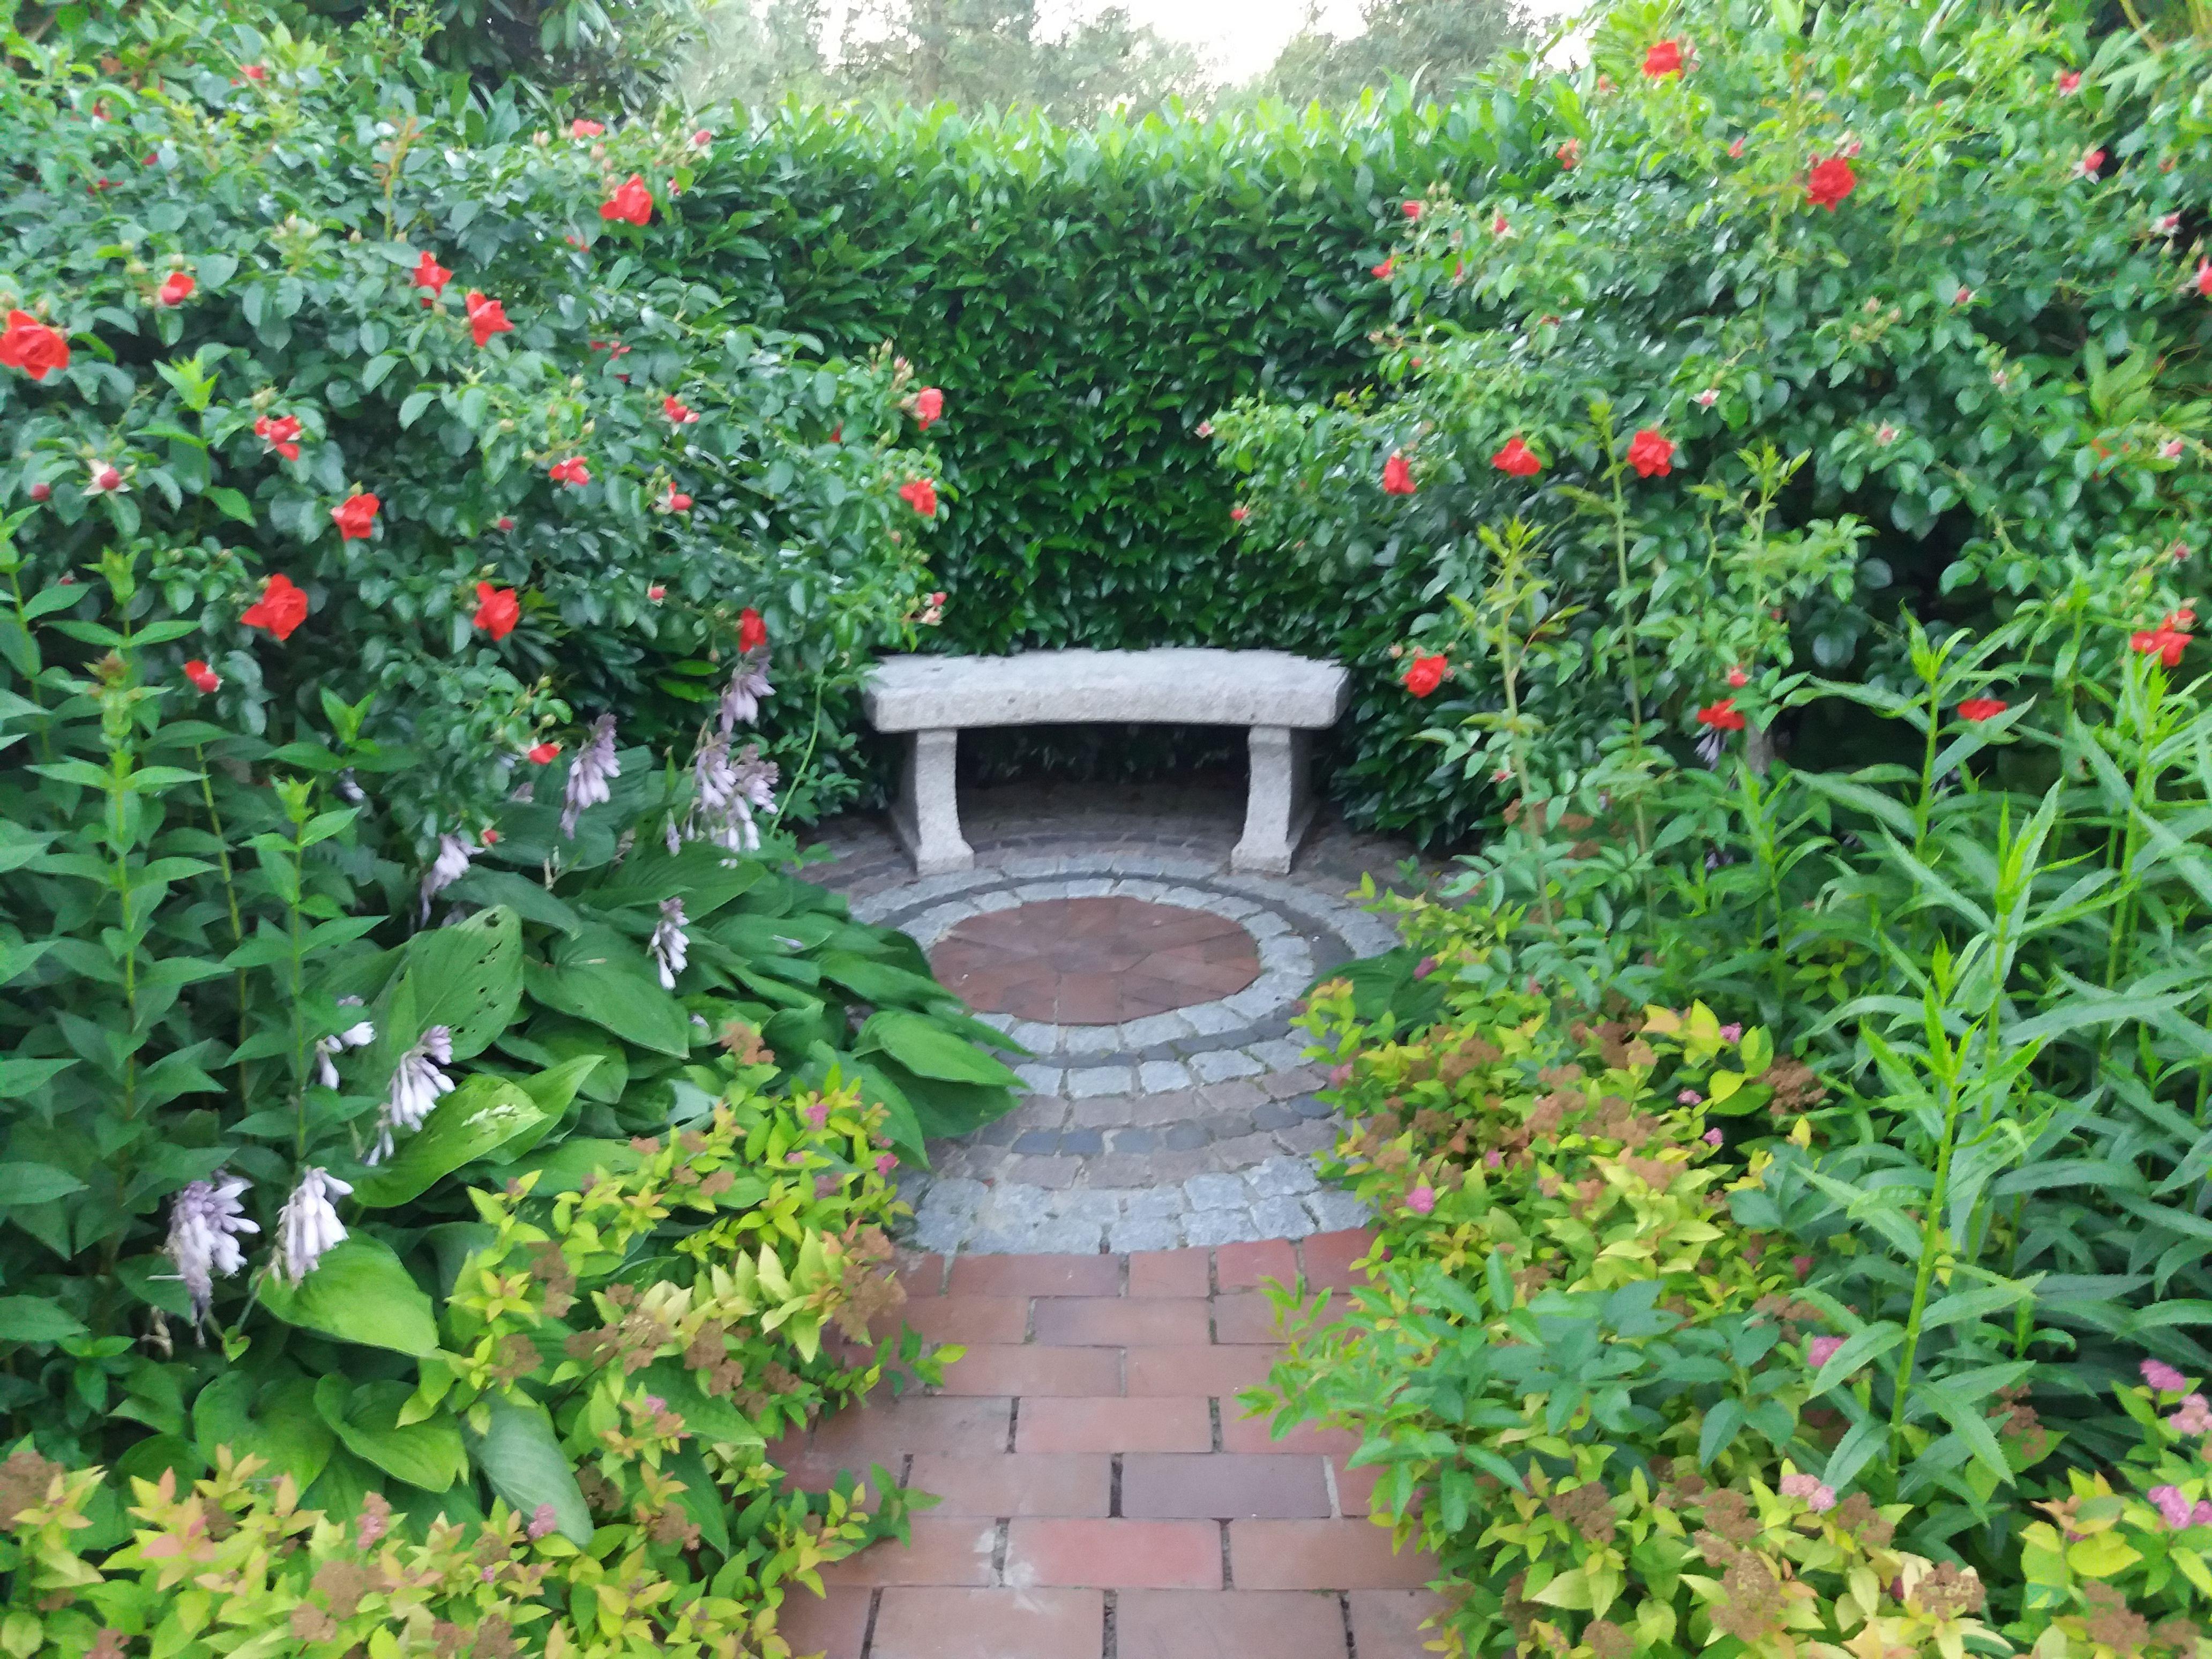 Gartengestaltung Im Park Der Garten In Bad Zwischenahn In Deutschland Garten Gartenimpressionen Gartenkunst Gartenmo Gartenkunst Garten Springbrunnen